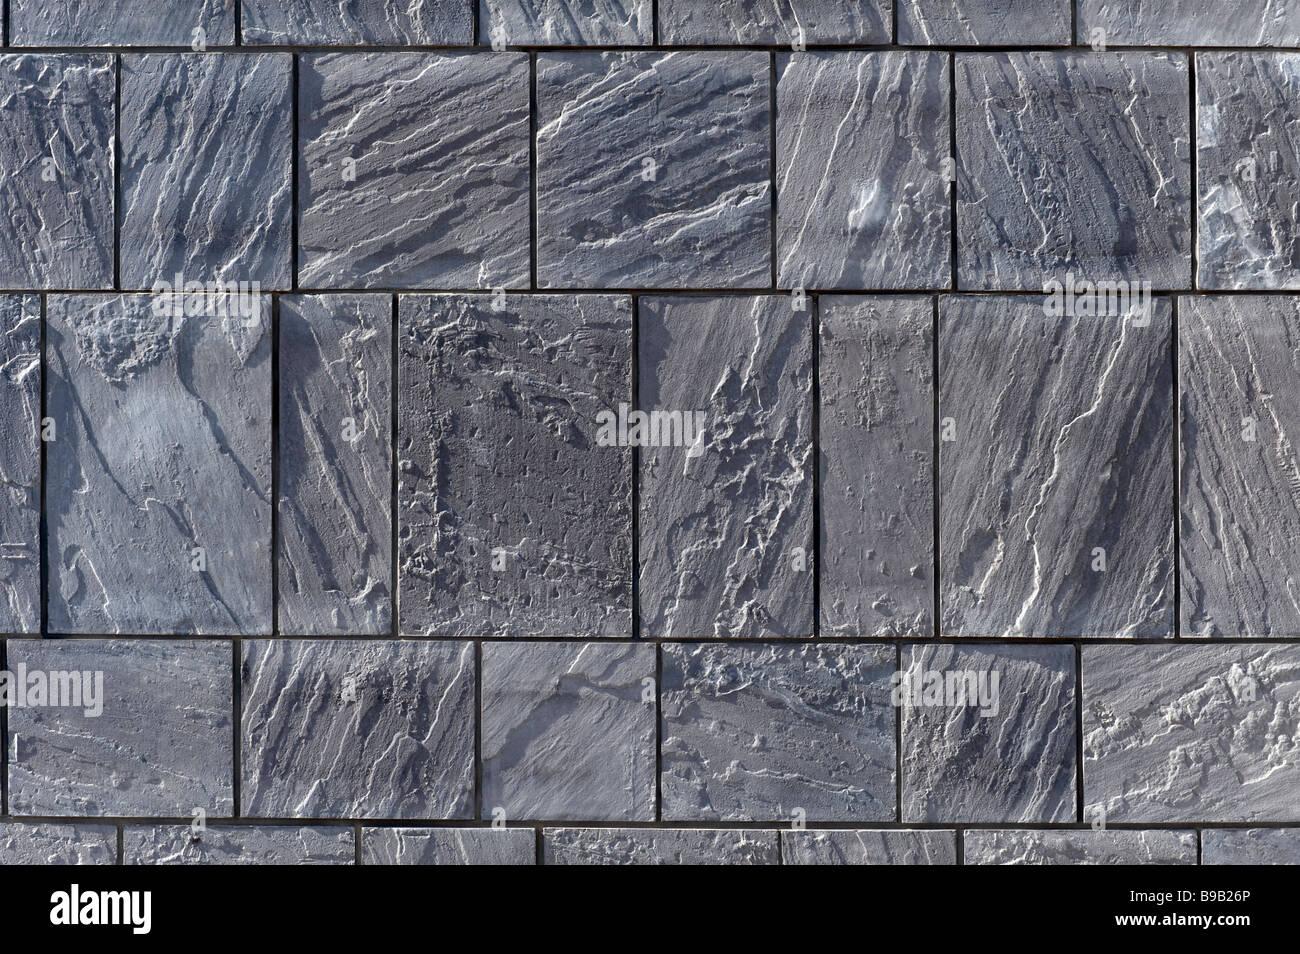 Grigio piastrelle di ardesia foto & immagine stock: 22985502 alamy